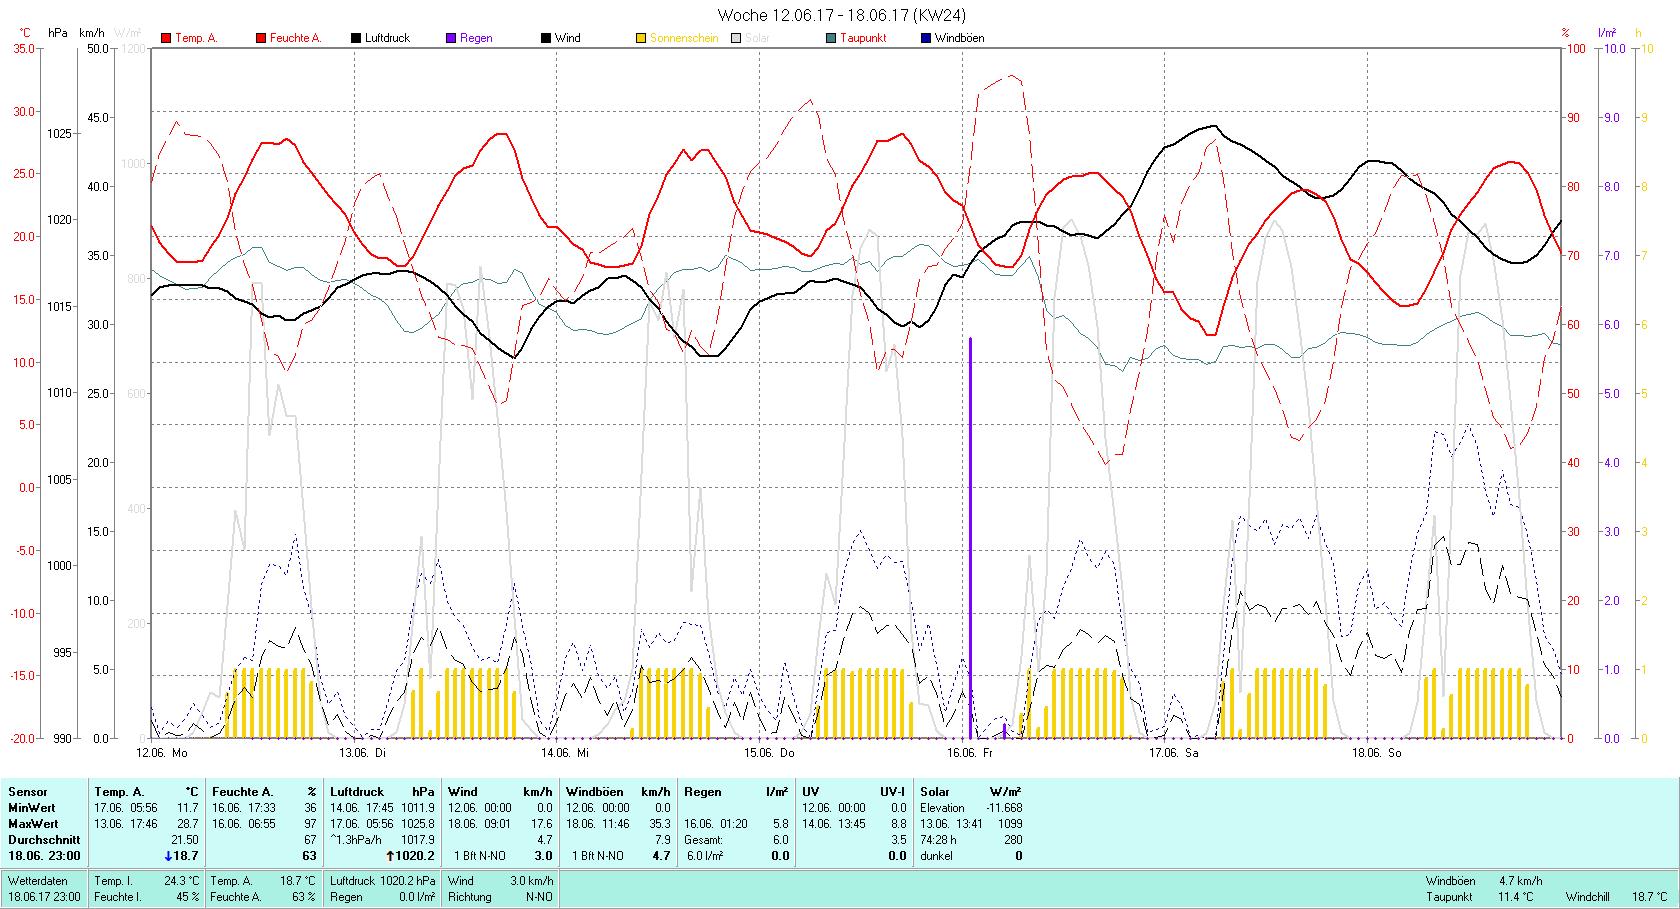 KW 24 Tmin 11.7°C, Tmax 28.7°C, Sonne 74:28h, Niederschlag 6.0mm/2